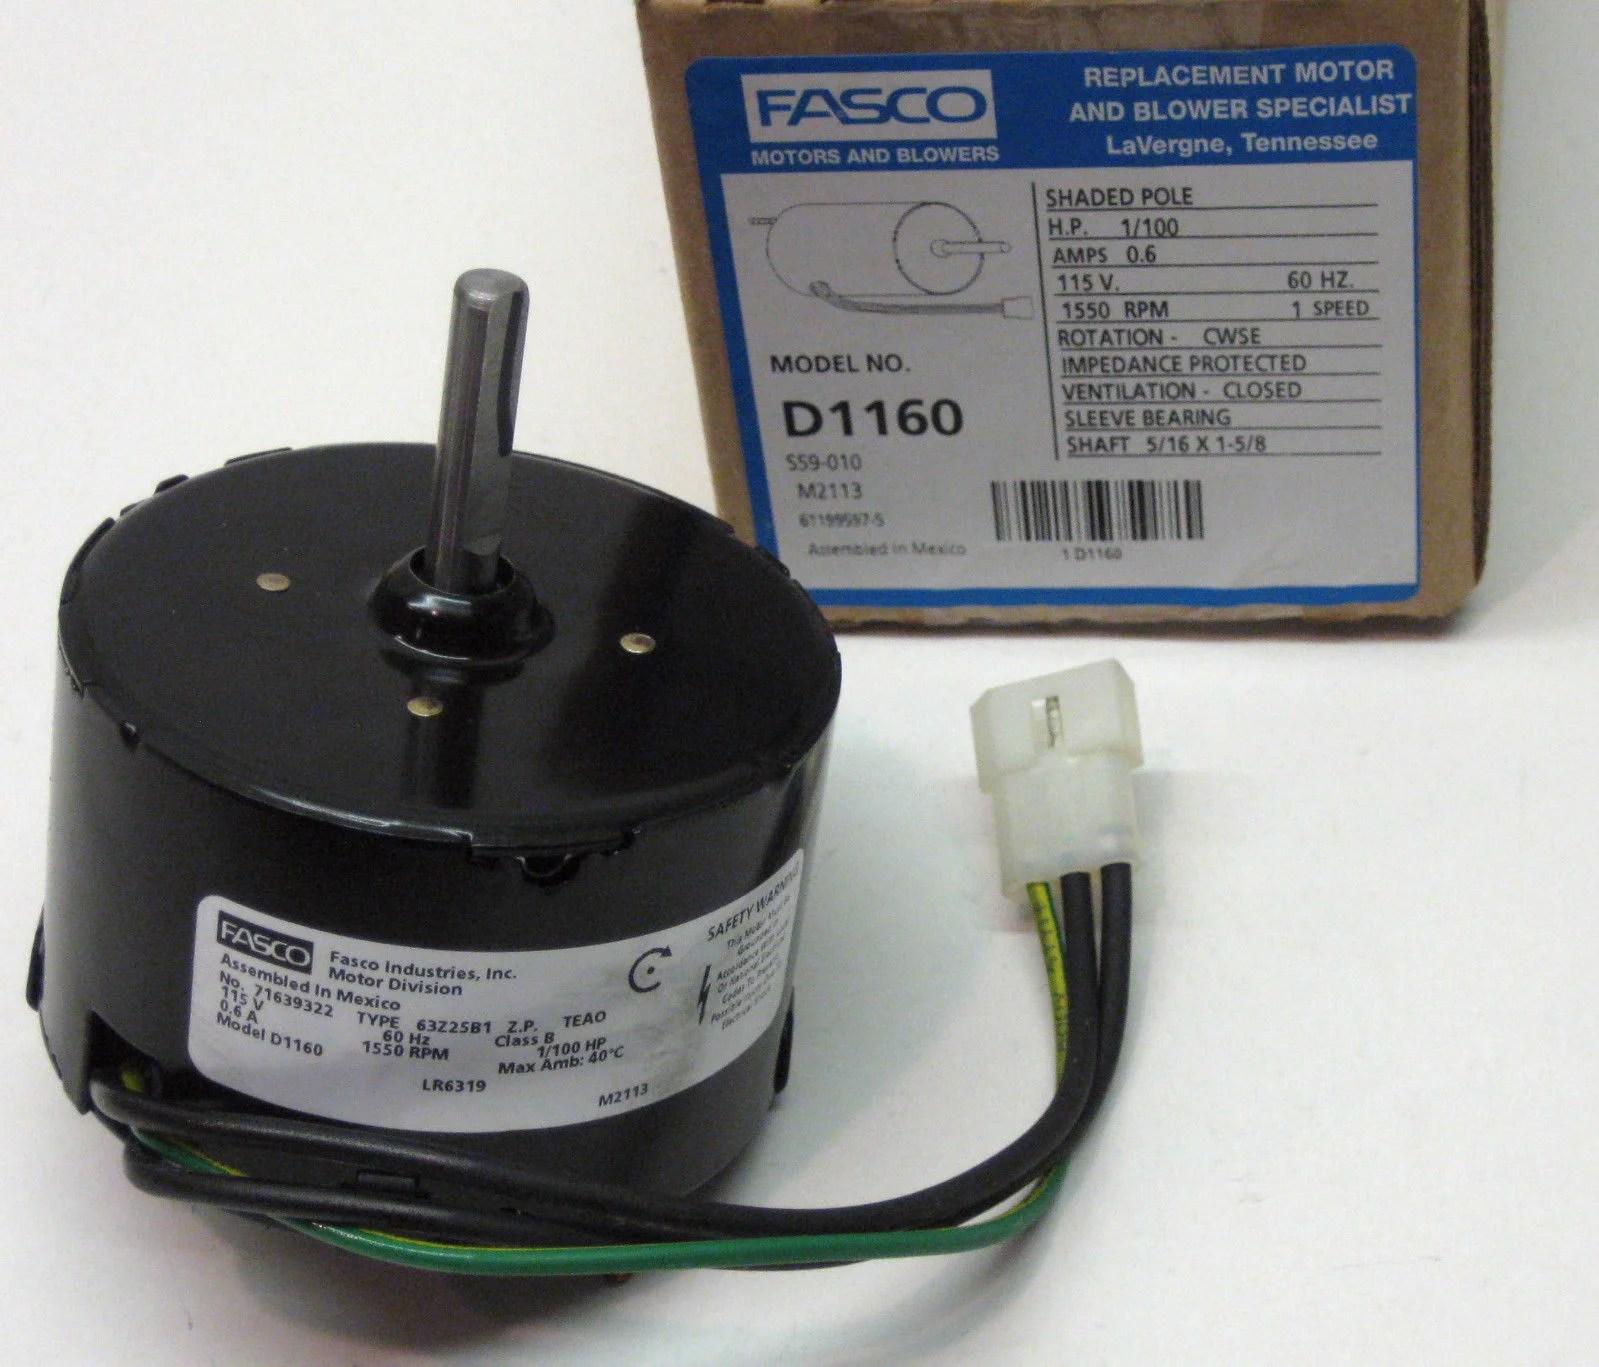 d1160 fasco bathroom fan vent motor for 7163 2593 655 661 663 655n 668 763 768